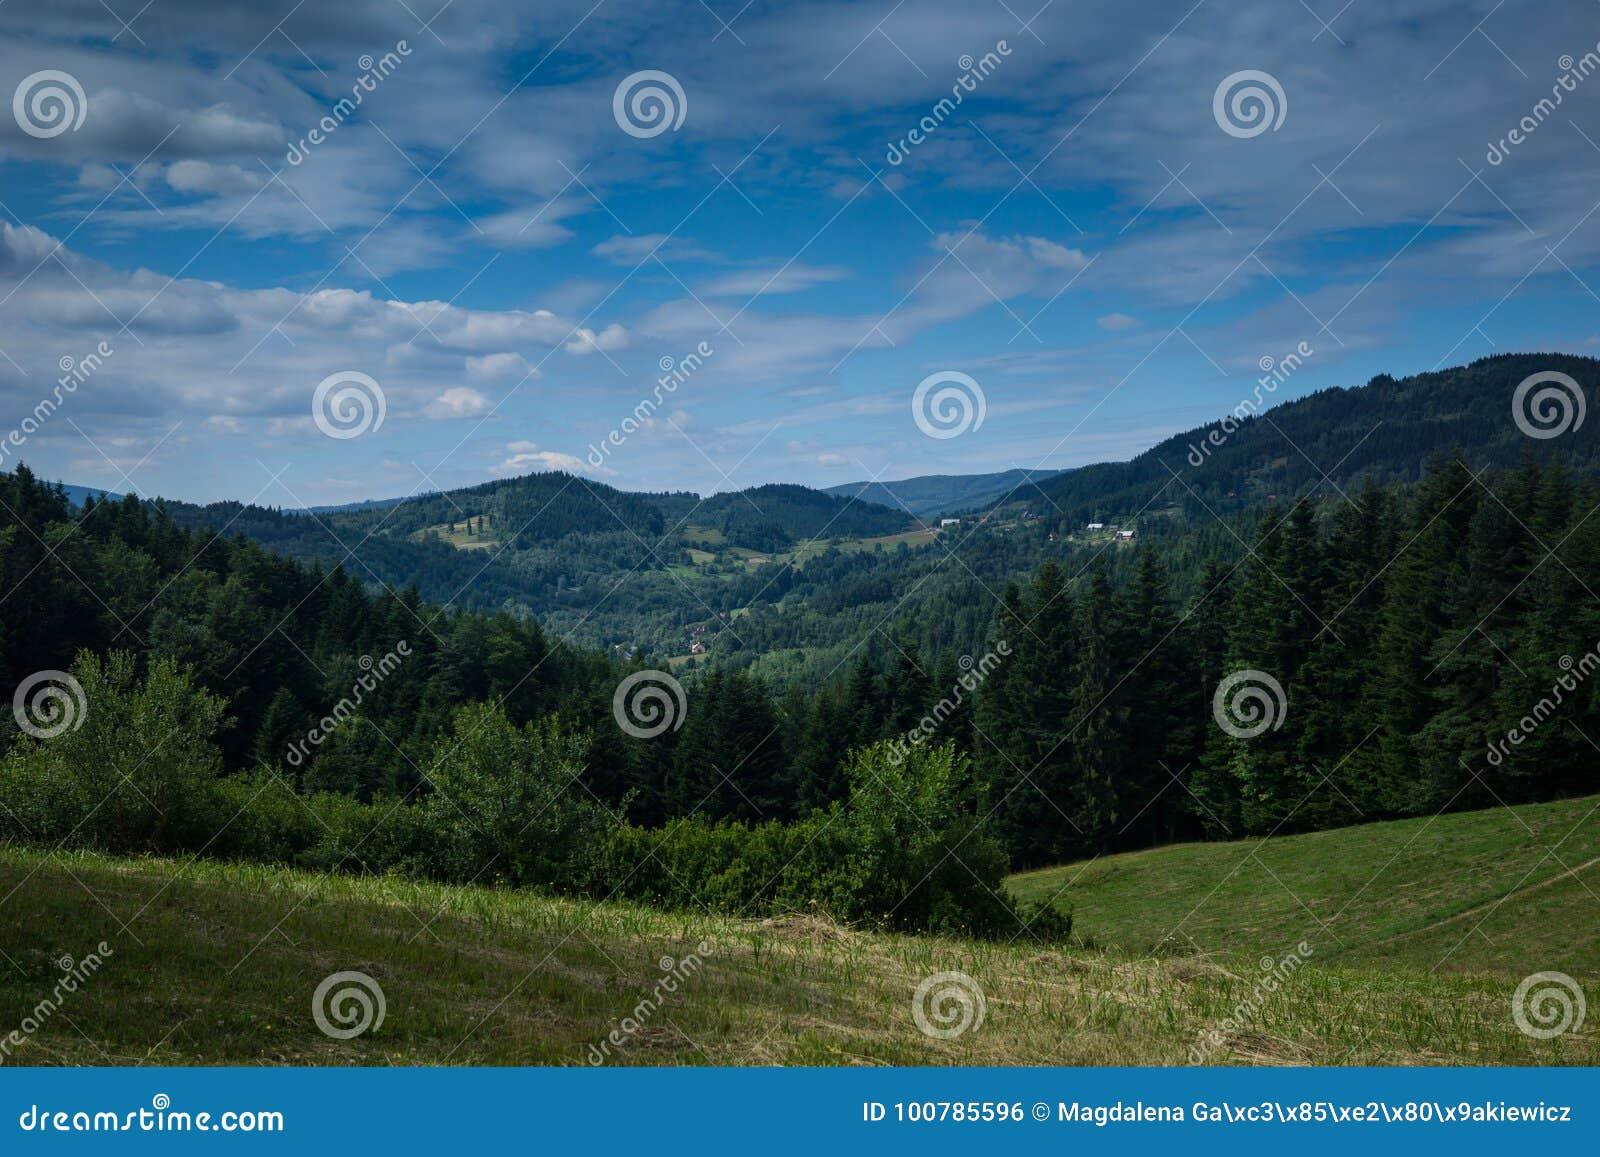 I de Beskidy bergen